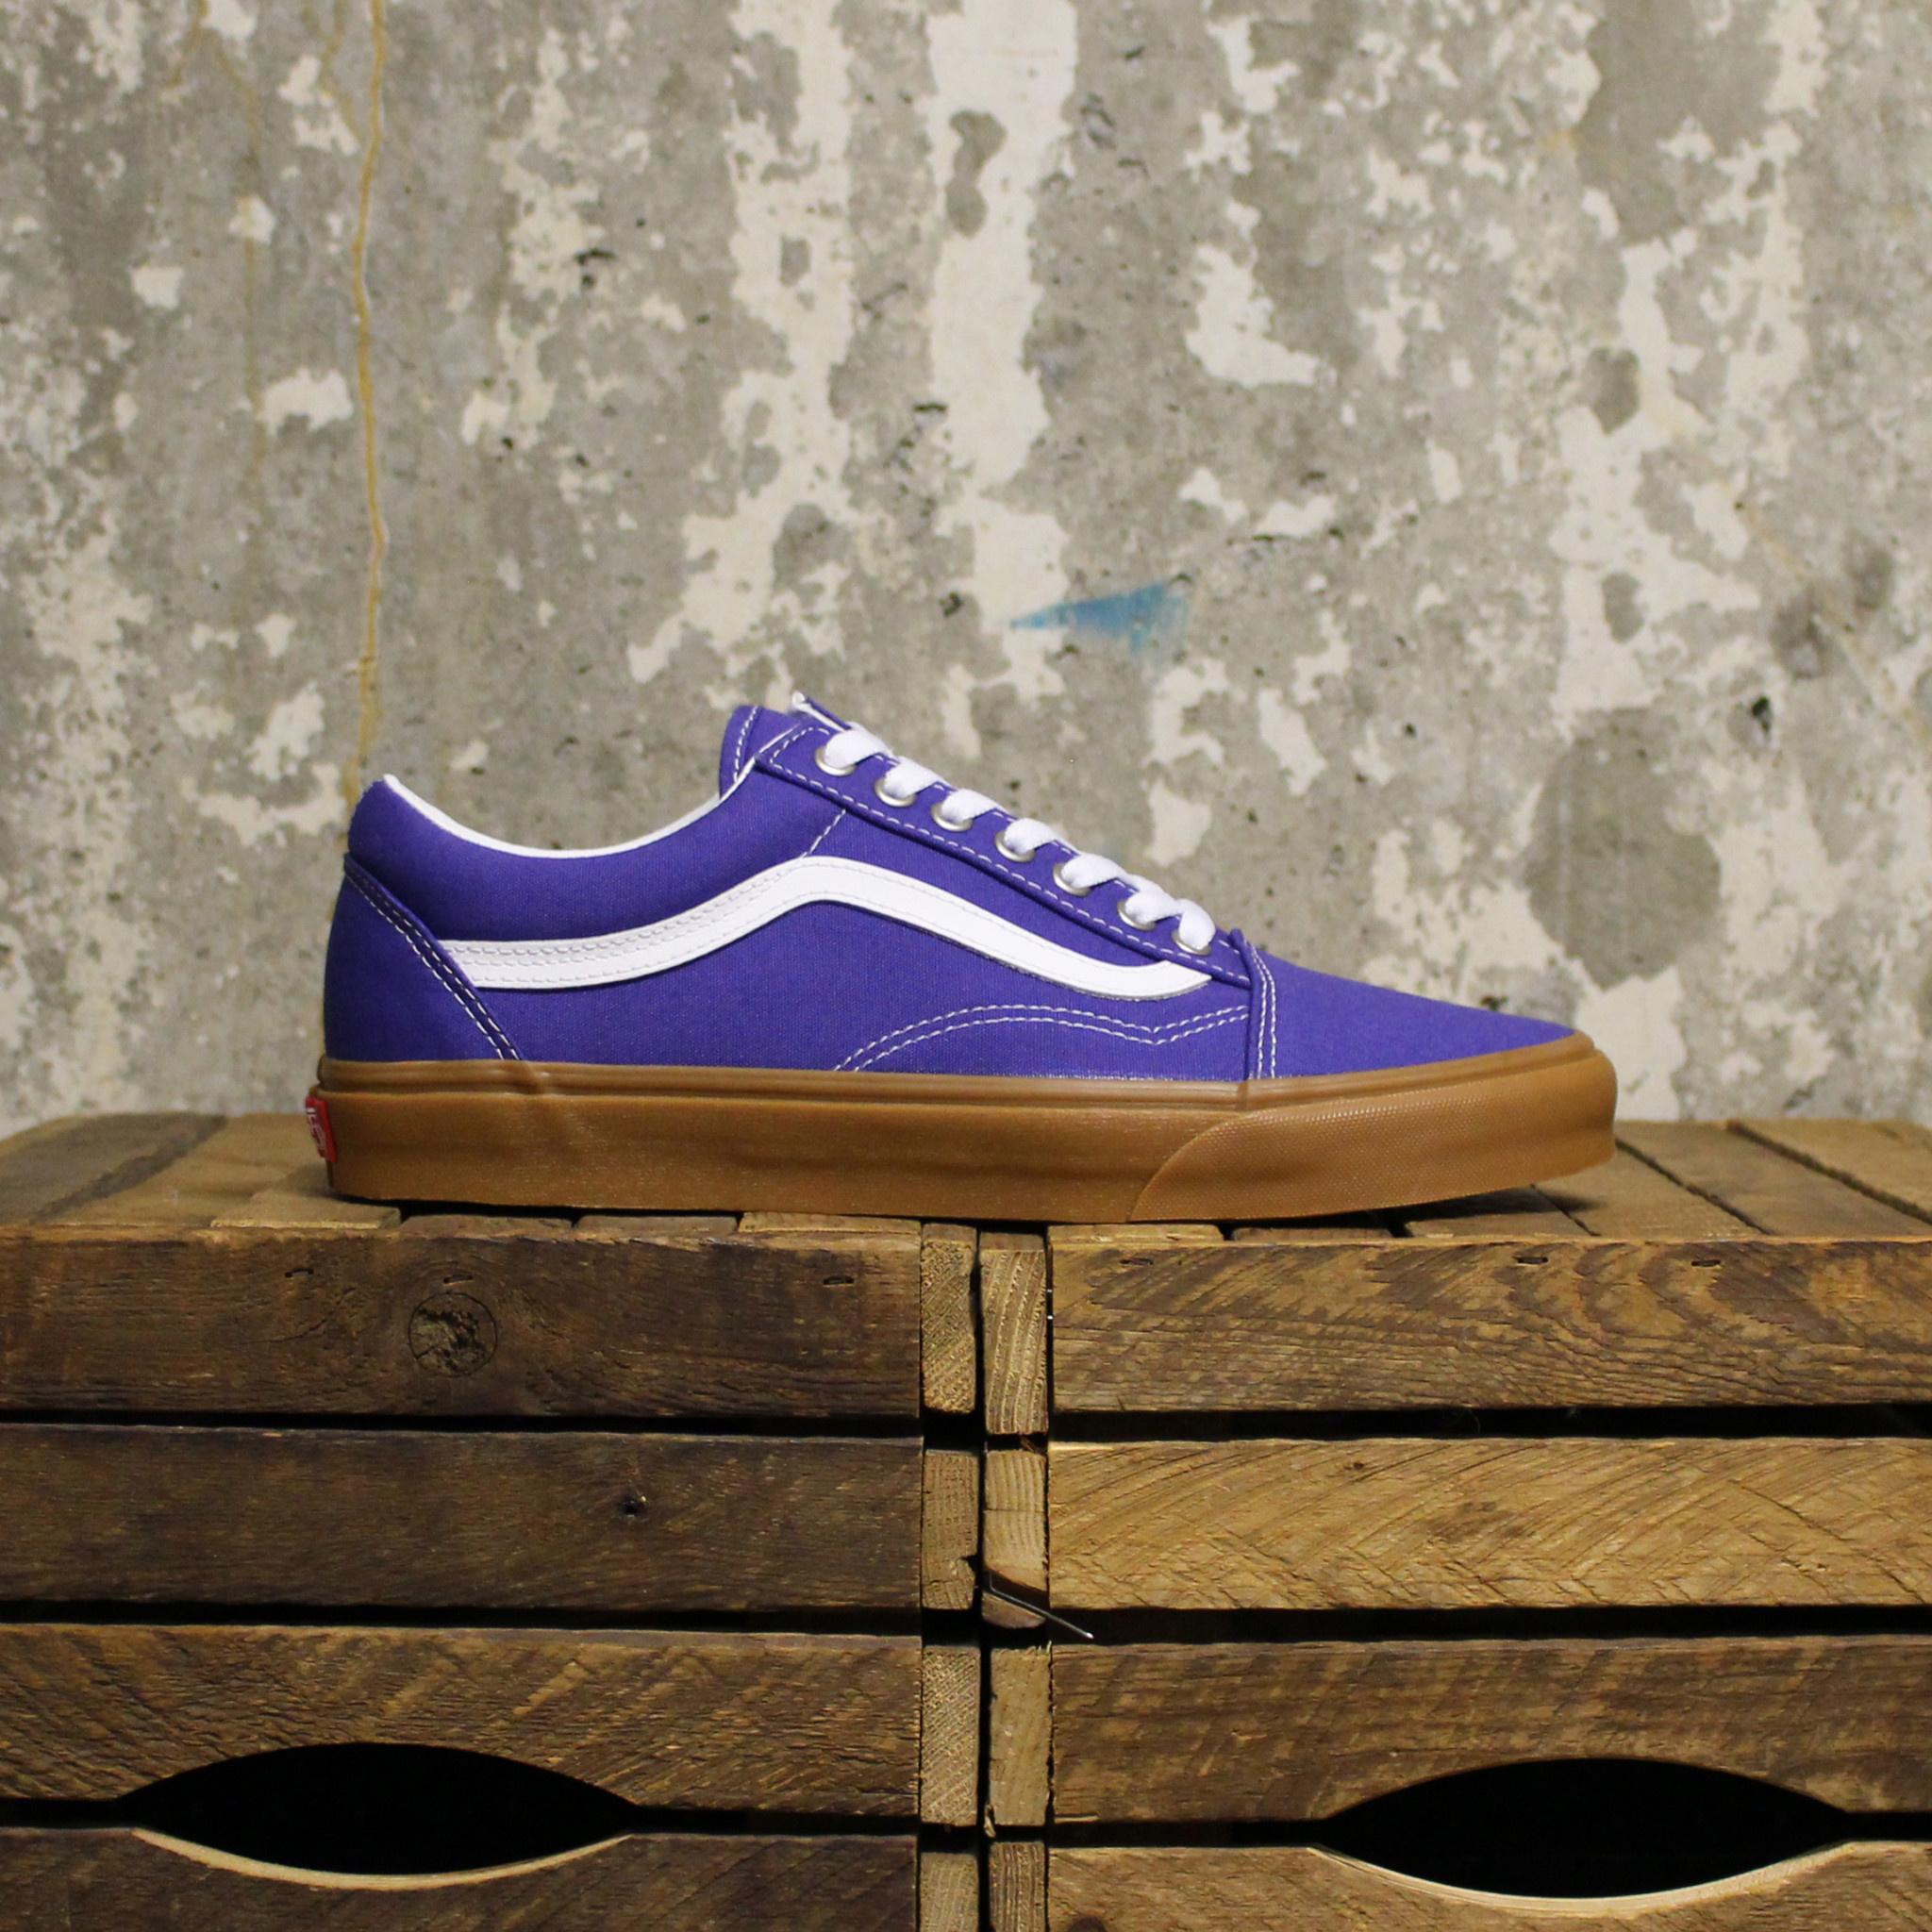 Vans Vans Old Skool (Gum) - Spectrum Blue/True White